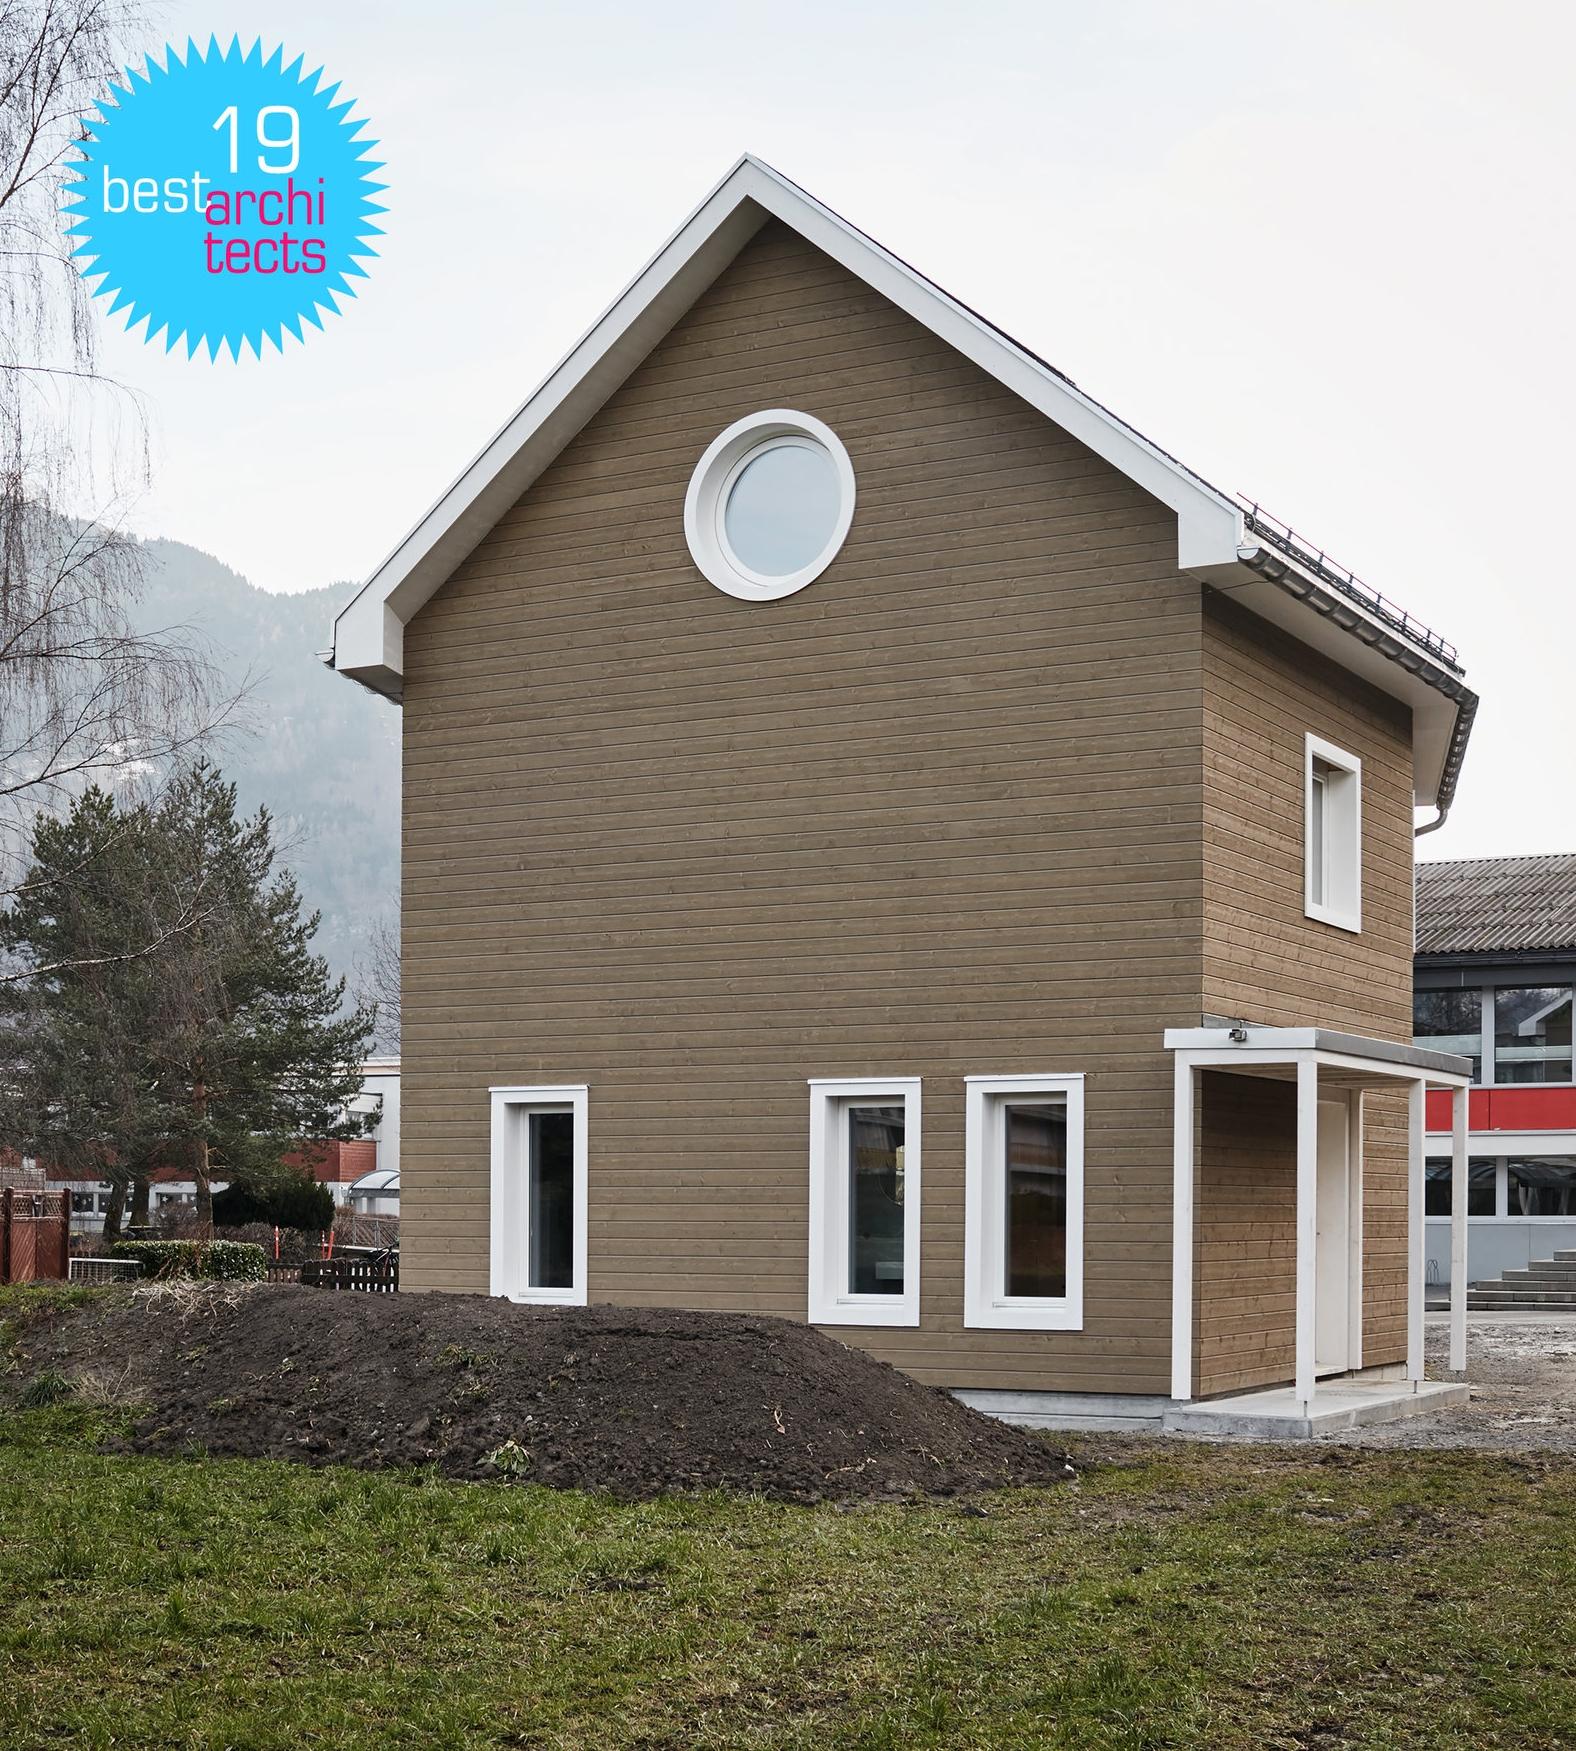 Raum B gewinnt Auszeichnung «best architects 19»für EFH in Näfels - Das von Raum B geplante Familienhaus in Näfels wurde von der Jury mit der Label «best architects 19»ausgezeichnet.Wir freuen uns sehr, dass unser Projekt aus 361 Einreichungen ausgezeichnet wurde.Das Projekt Einfamilienhaus Näfels finden Sie hier.Weitere Informationen zur Auszeichnung «best architects 19»finden Sie hier.